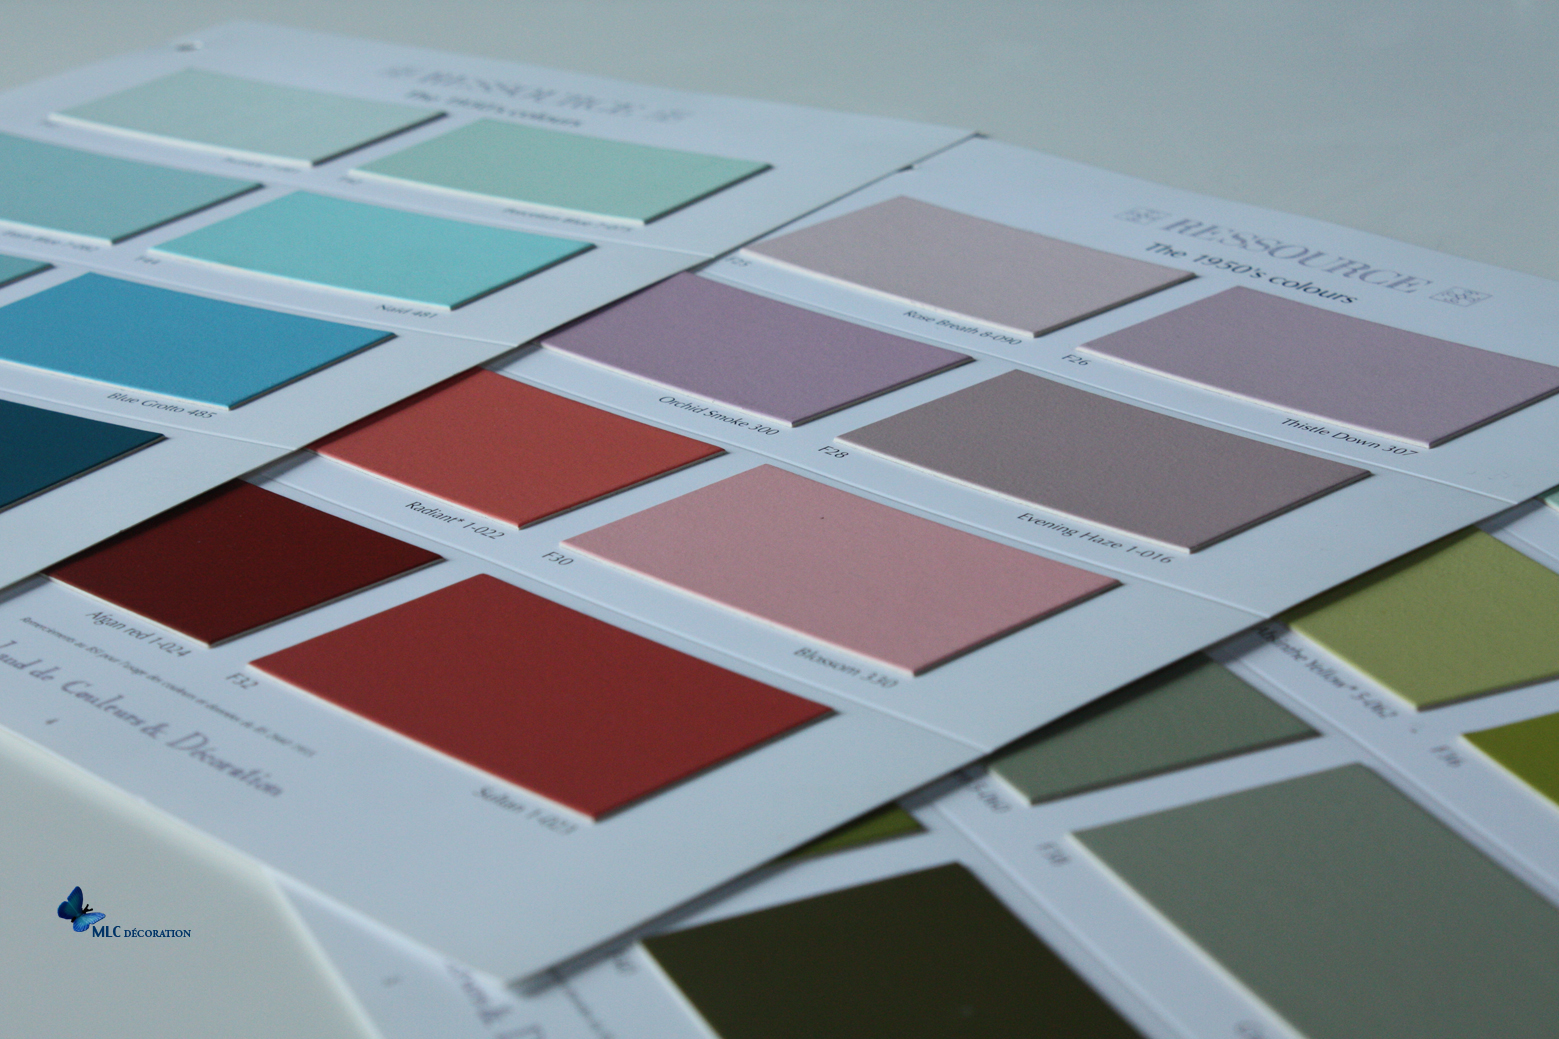 Tendance couleur interieur maison maison moderne for Couleur pour interieur maison